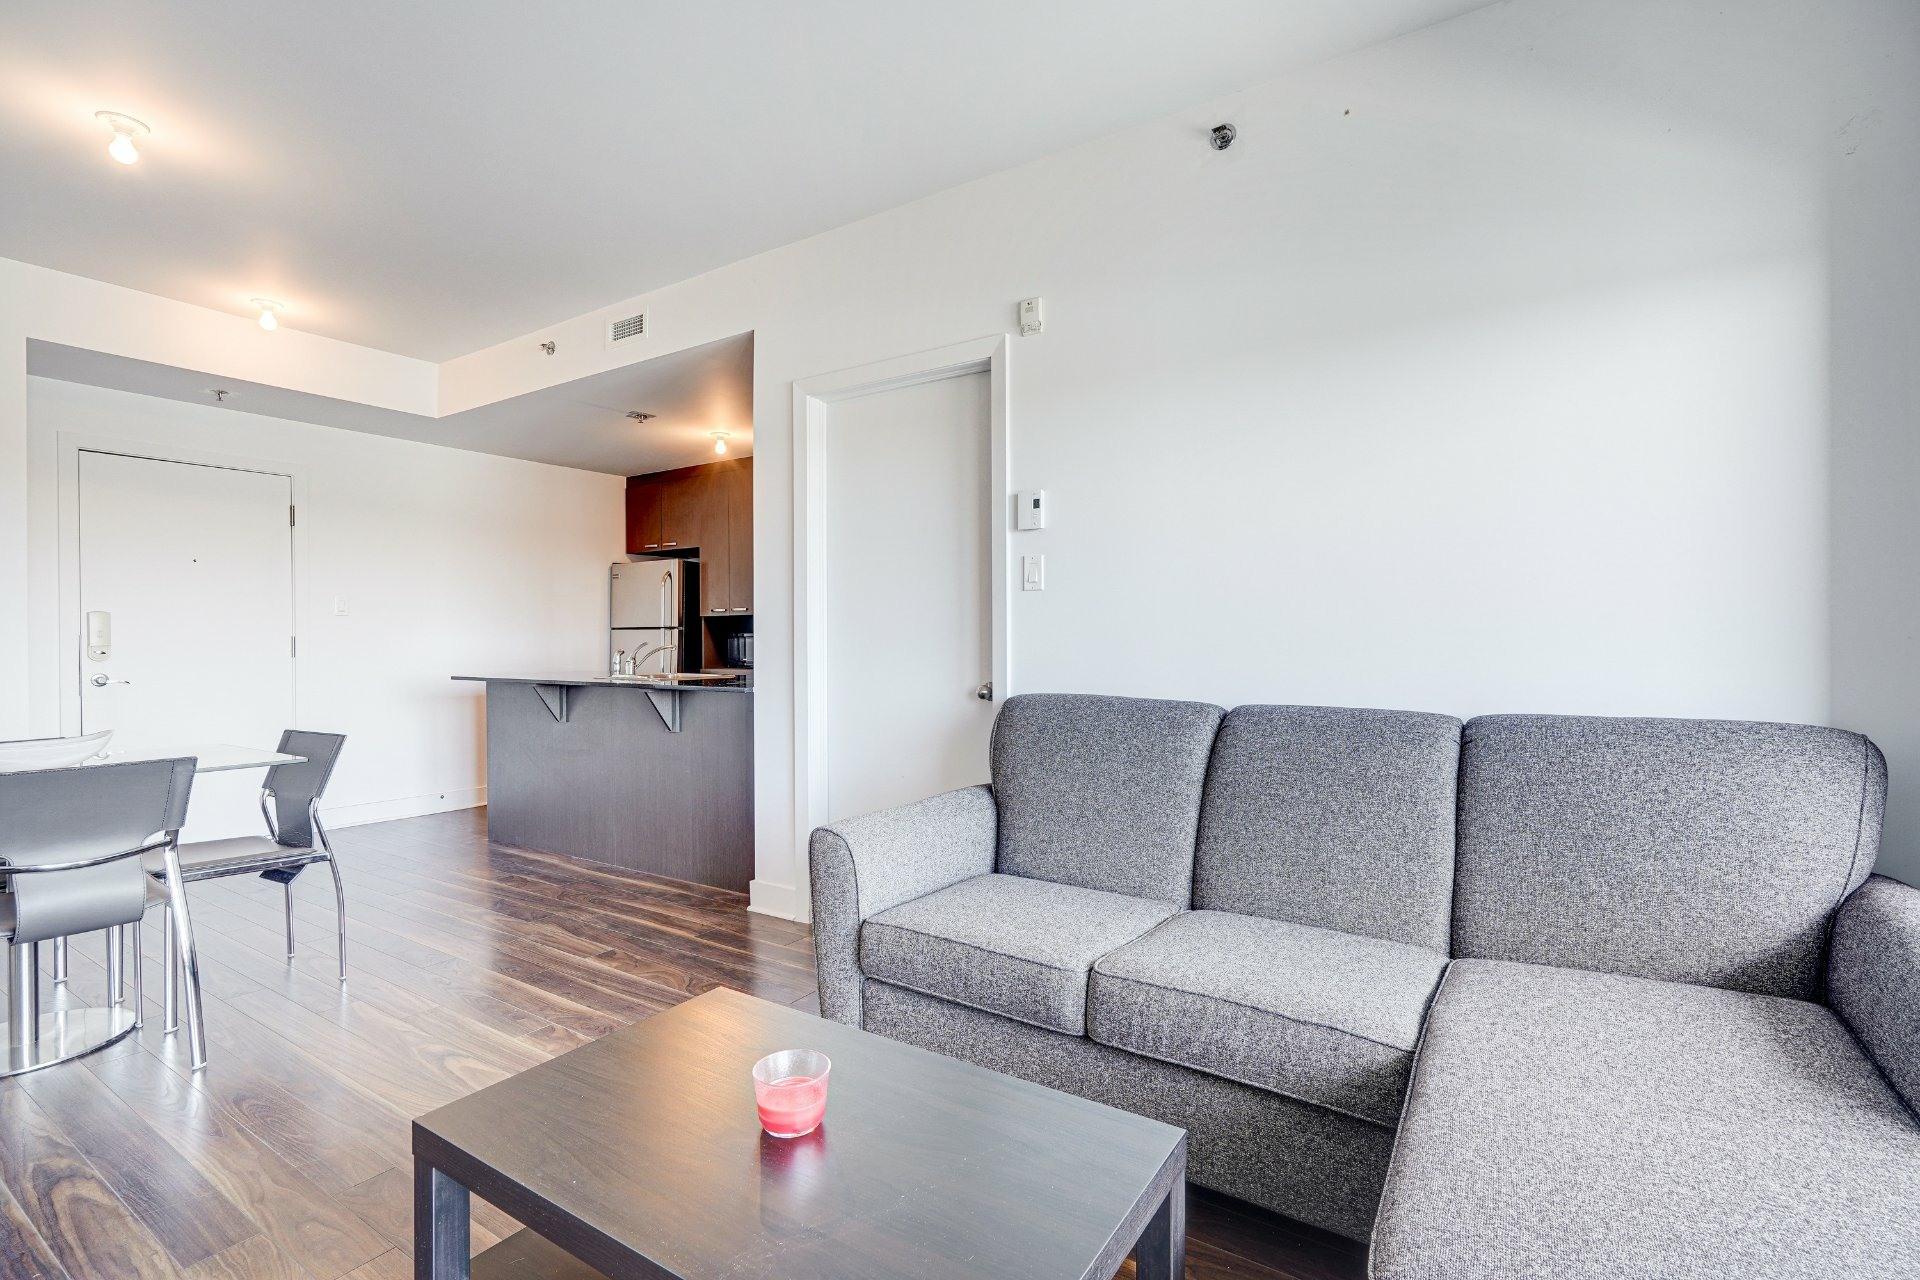 image 8 - Appartement À vendre Saint-Laurent Montréal  - 7 pièces